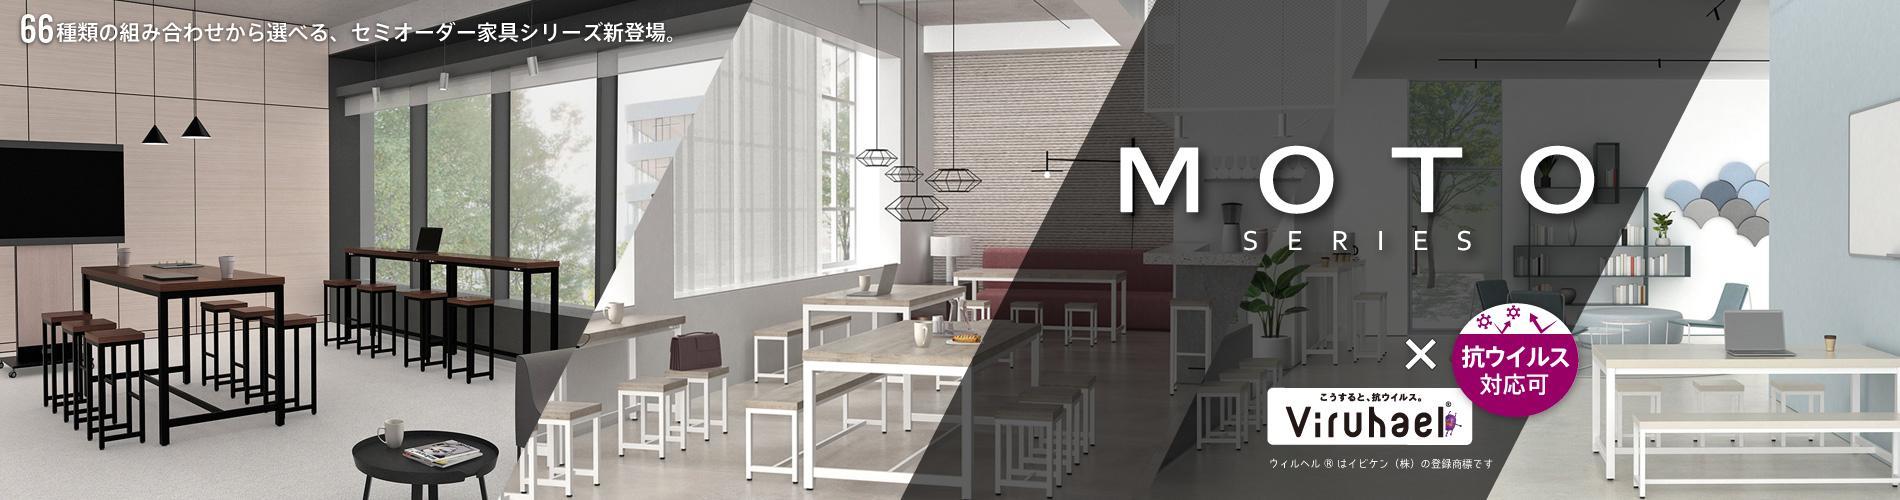 MOTO series 抗ウイルス対応セミオーダー家具